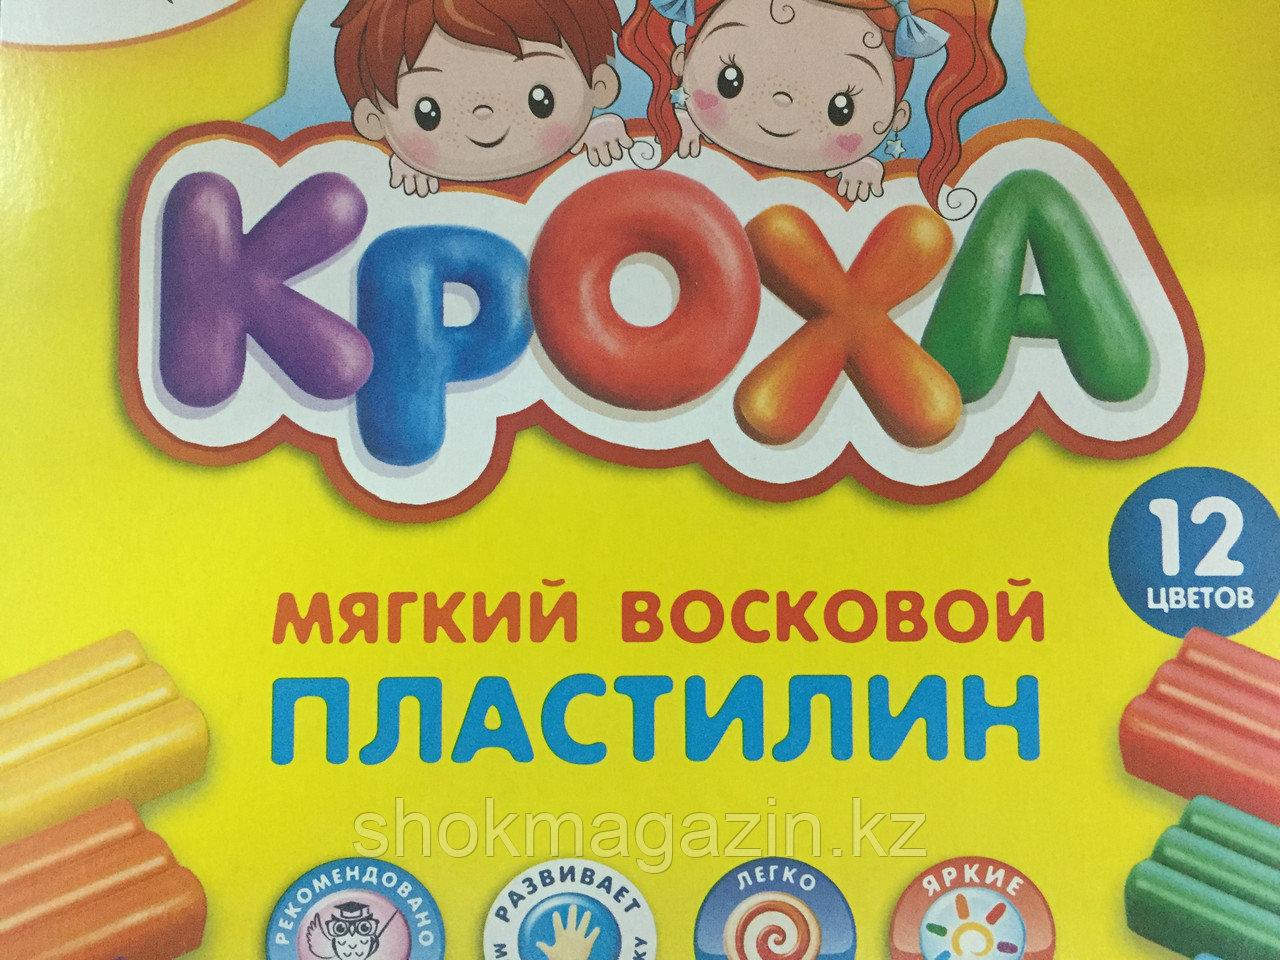 """Пластилин """"Кроха"""" 12цв. восковой"""